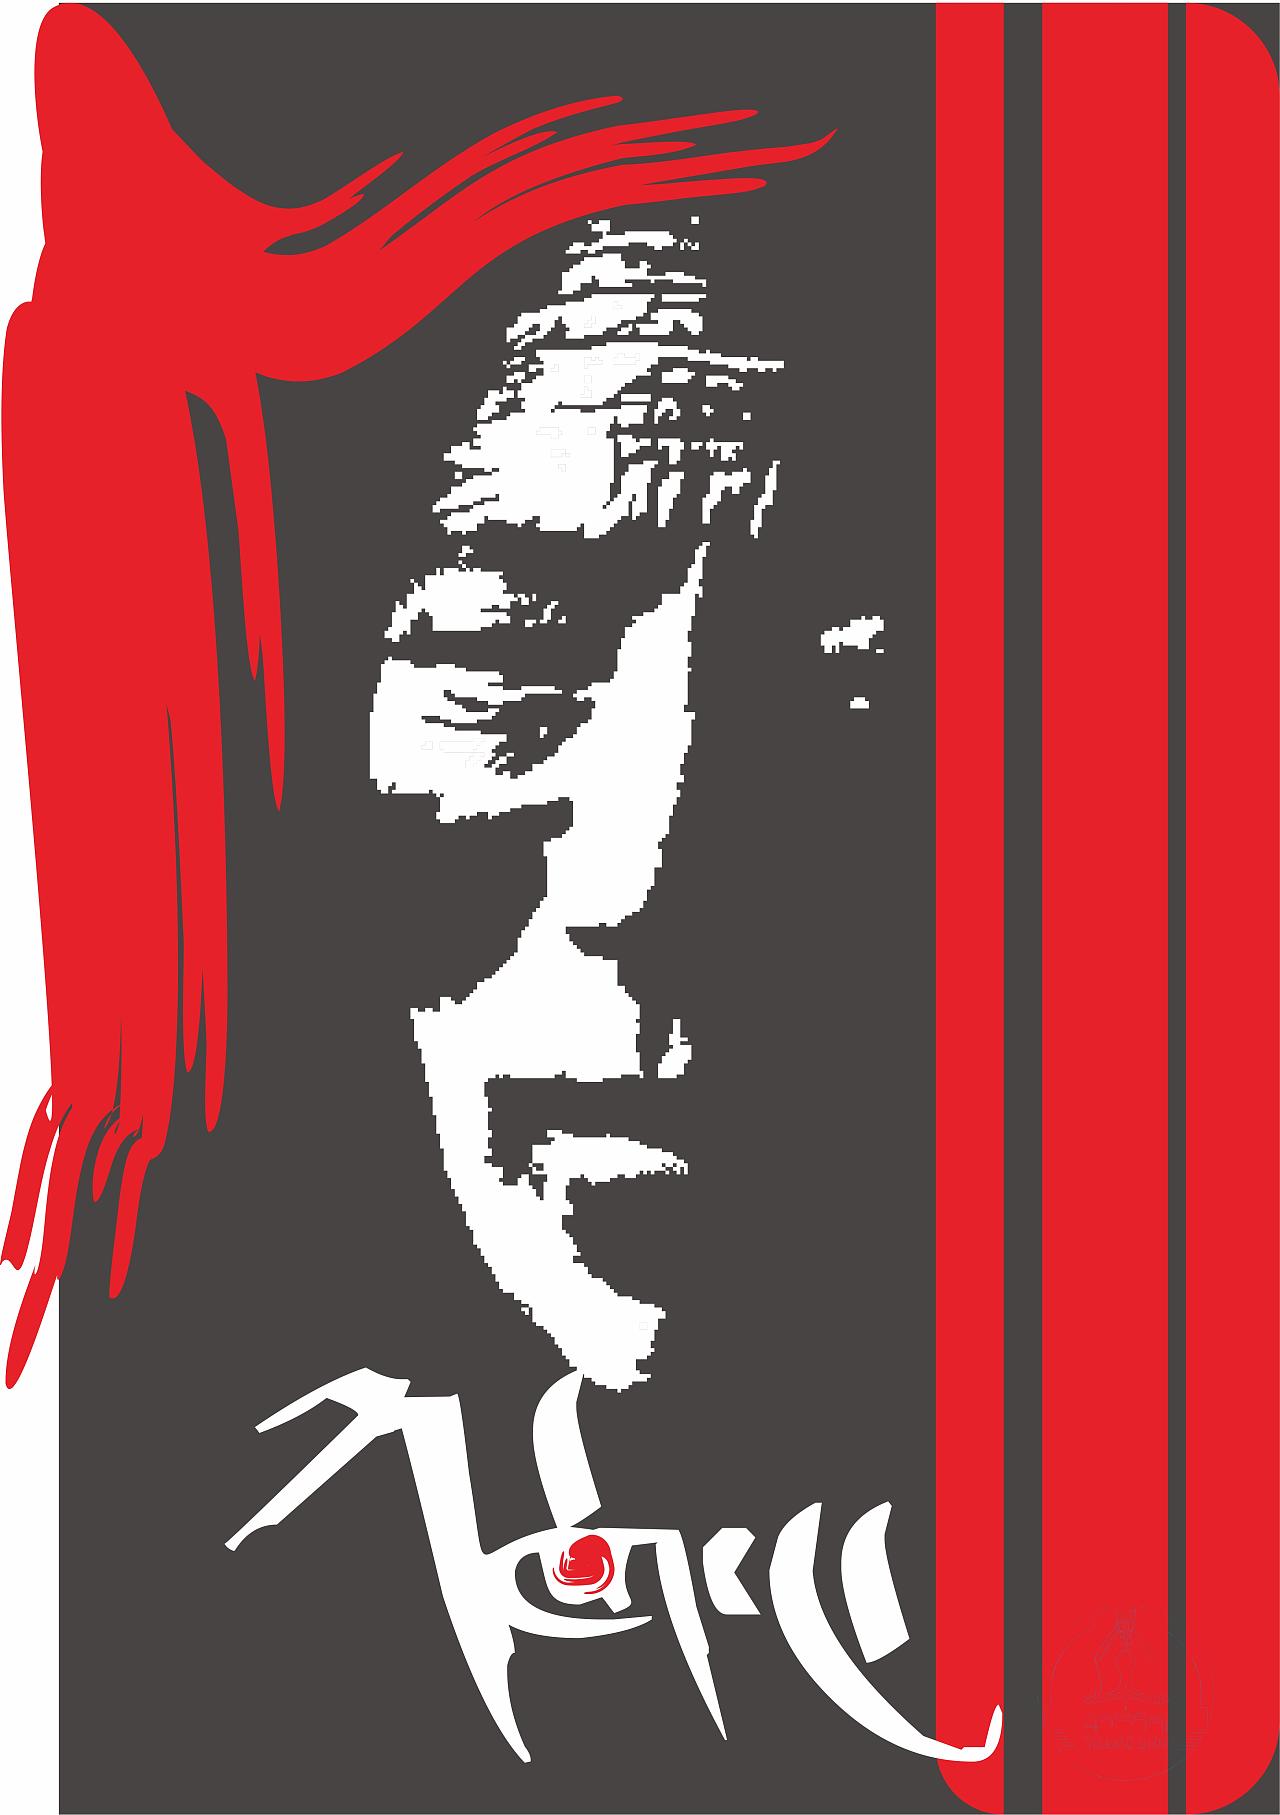 设计师,藏族潮流品牌长巅创始人:扎西巴单|平面|图案图片